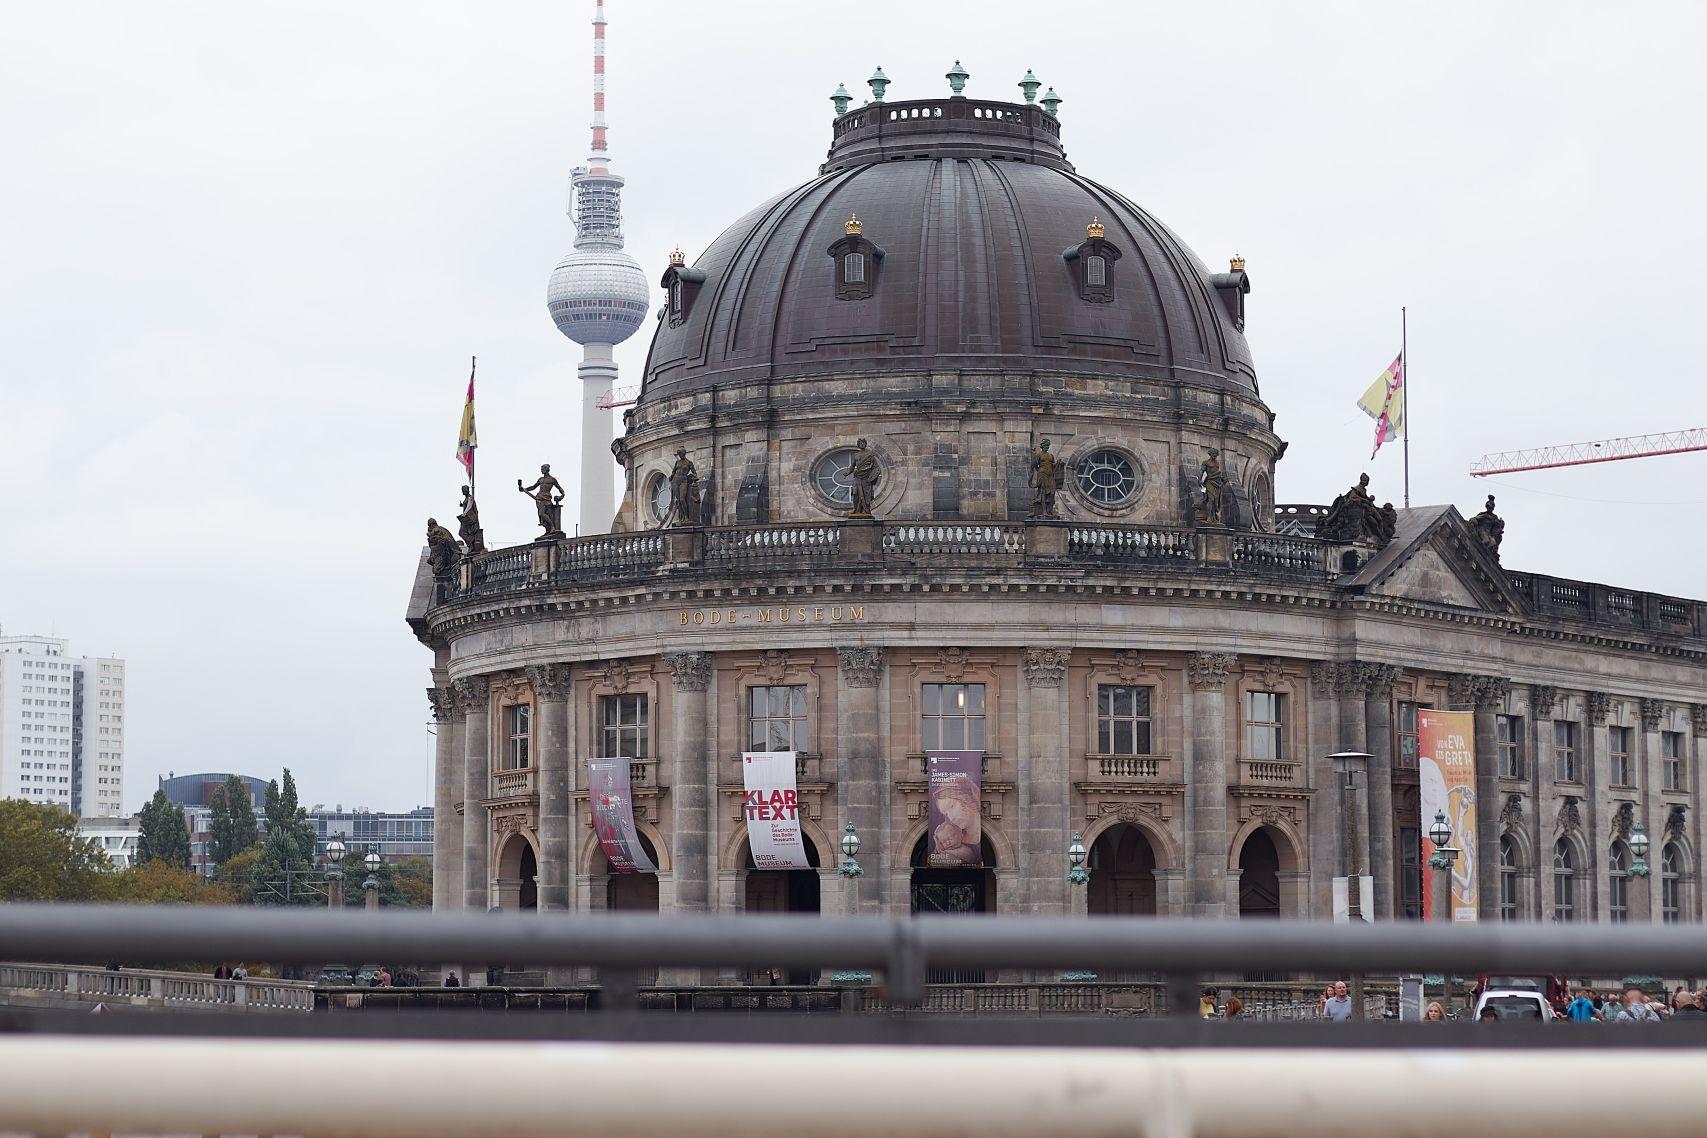 Spreefahrt als Sehenswürdigkeit für ein Tag in Berlin